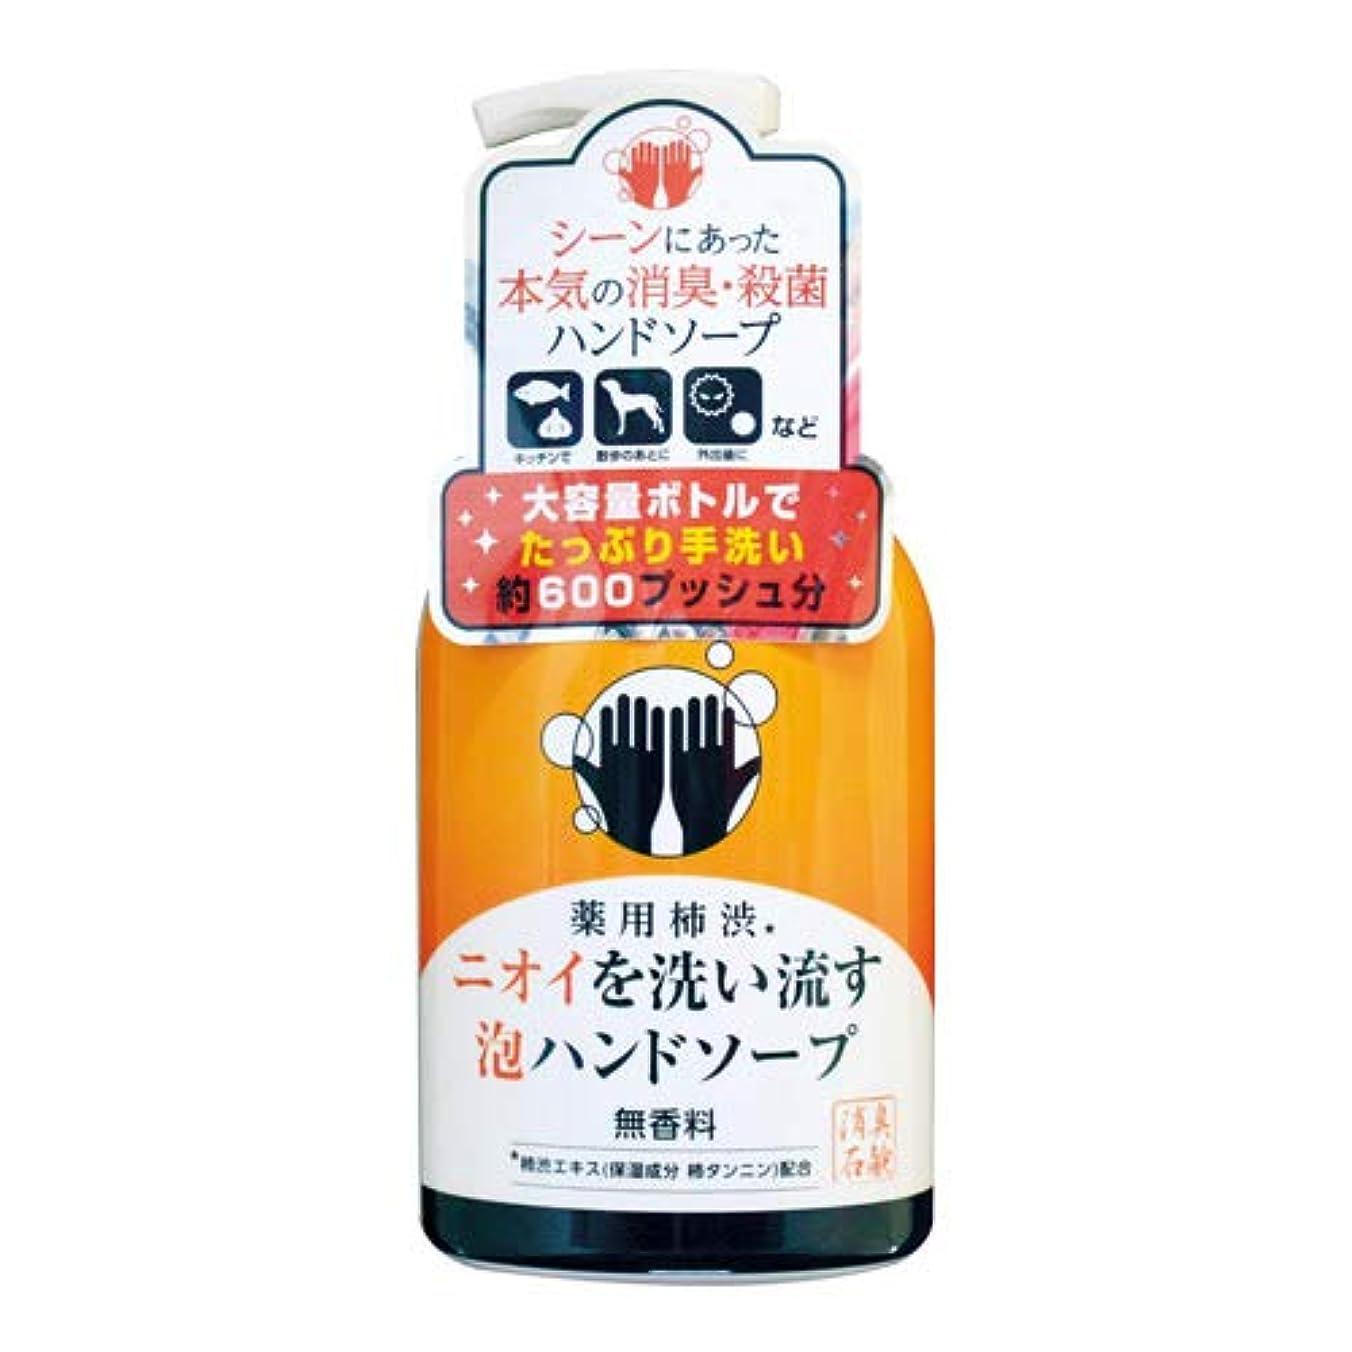 深い流行復活するマックス 薬用柿渋泡ハンドソープ 本体 450ml×12本 【医薬部外品】